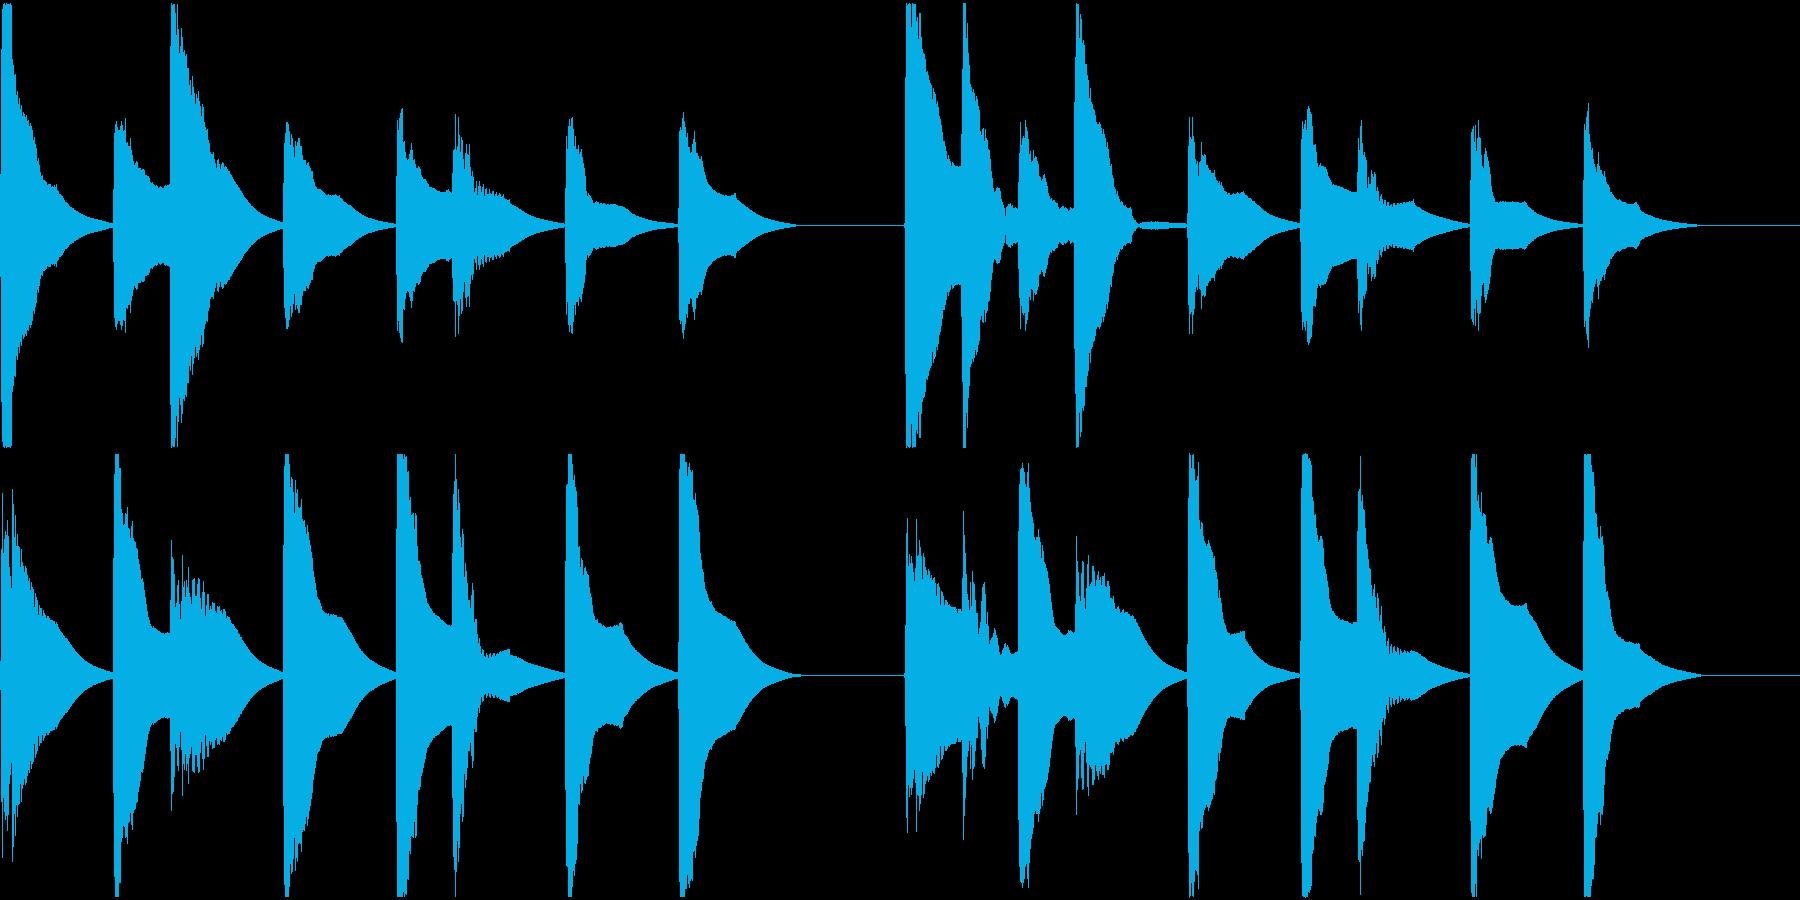 着信音 ループ お知らせ 通知 8の再生済みの波形